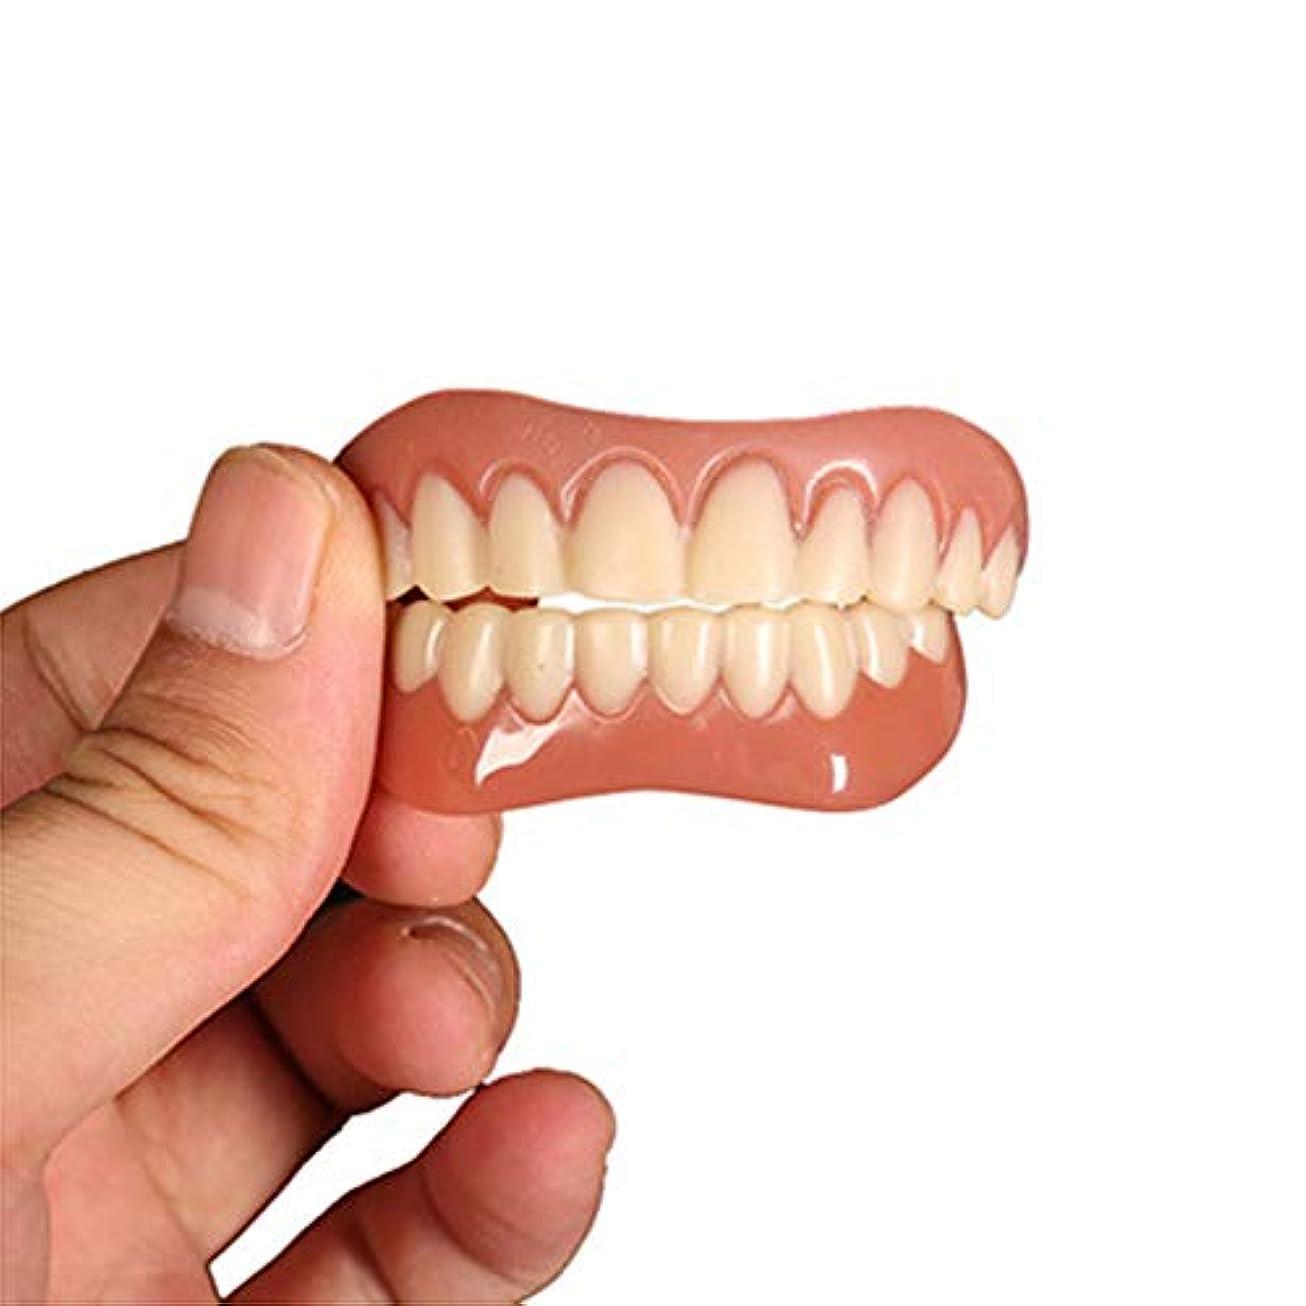 最大飲食店ピット8セット、化粧品の歯、白い歯をきれいにするための快適さにフィットするフレックス歯のソケット、化粧品の歯義歯の歯のトップ化粧品、